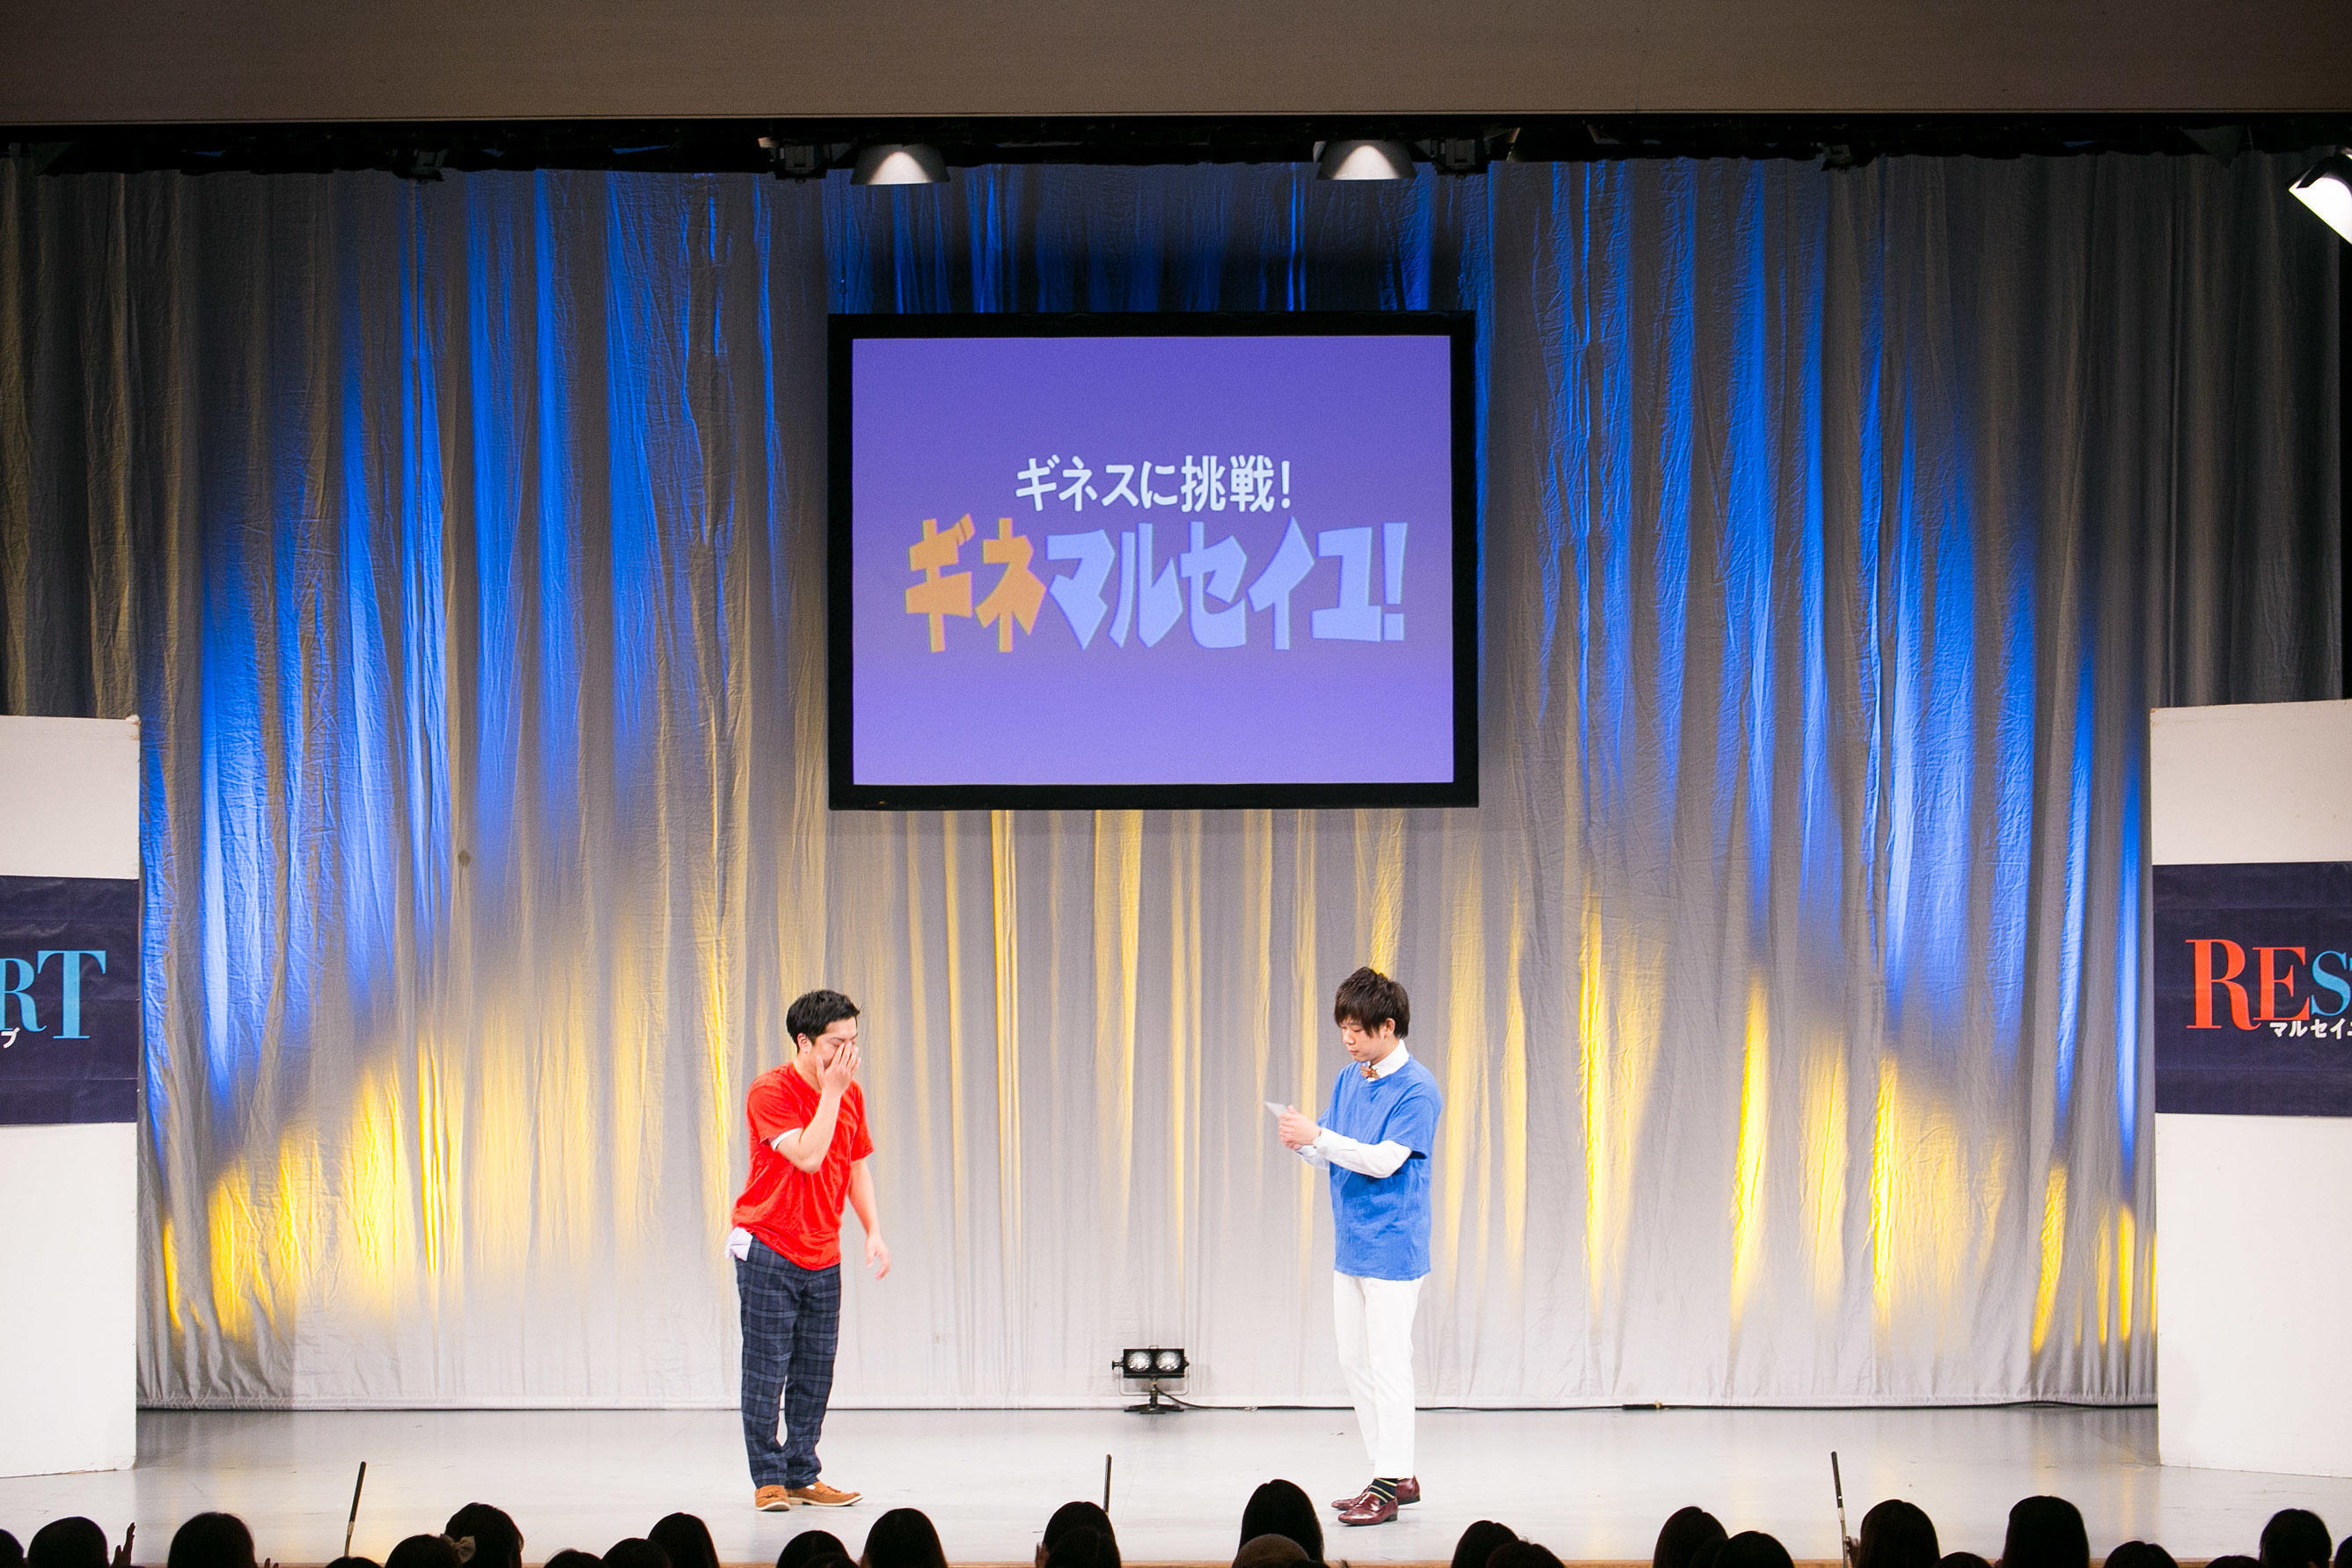 http://news.yoshimoto.co.jp/20180430214011-4f97482abd90e5f6d39e9eff3ce2da1b4201fed3.jpg